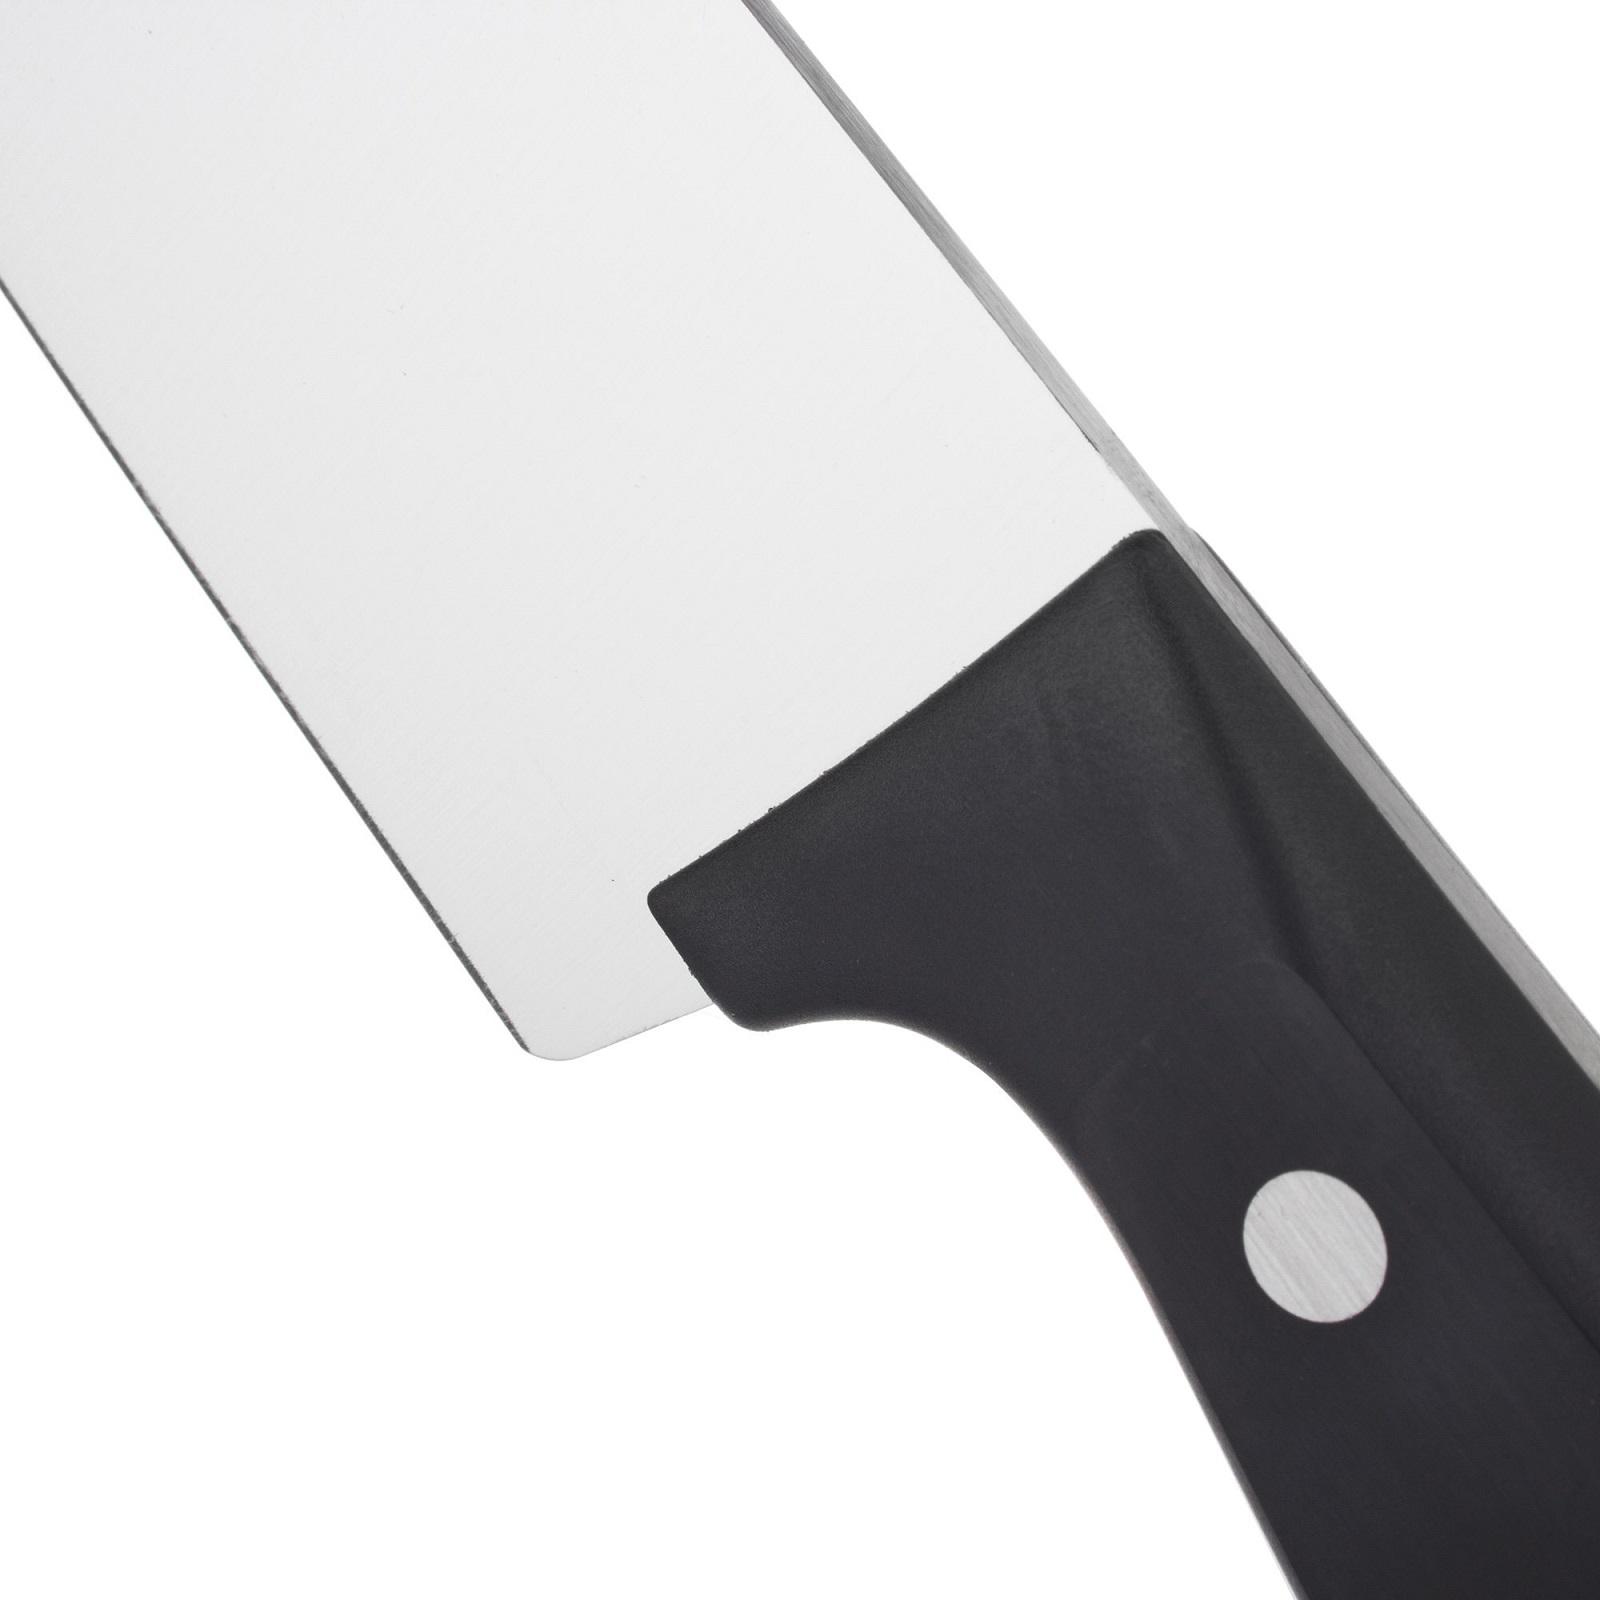 Нож шеф-повара Wuesthof Gourmet, 20 см Wuesthof 4562/20 фото 2